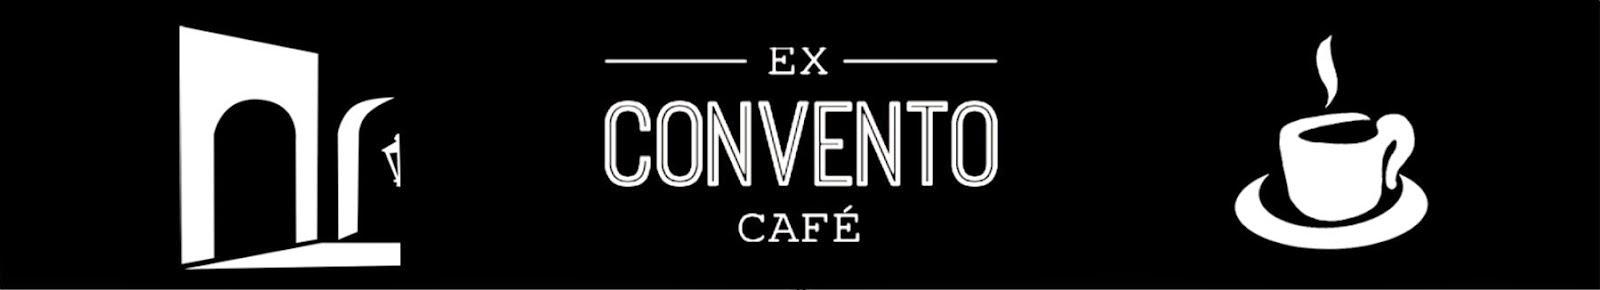 Ex Convento Café